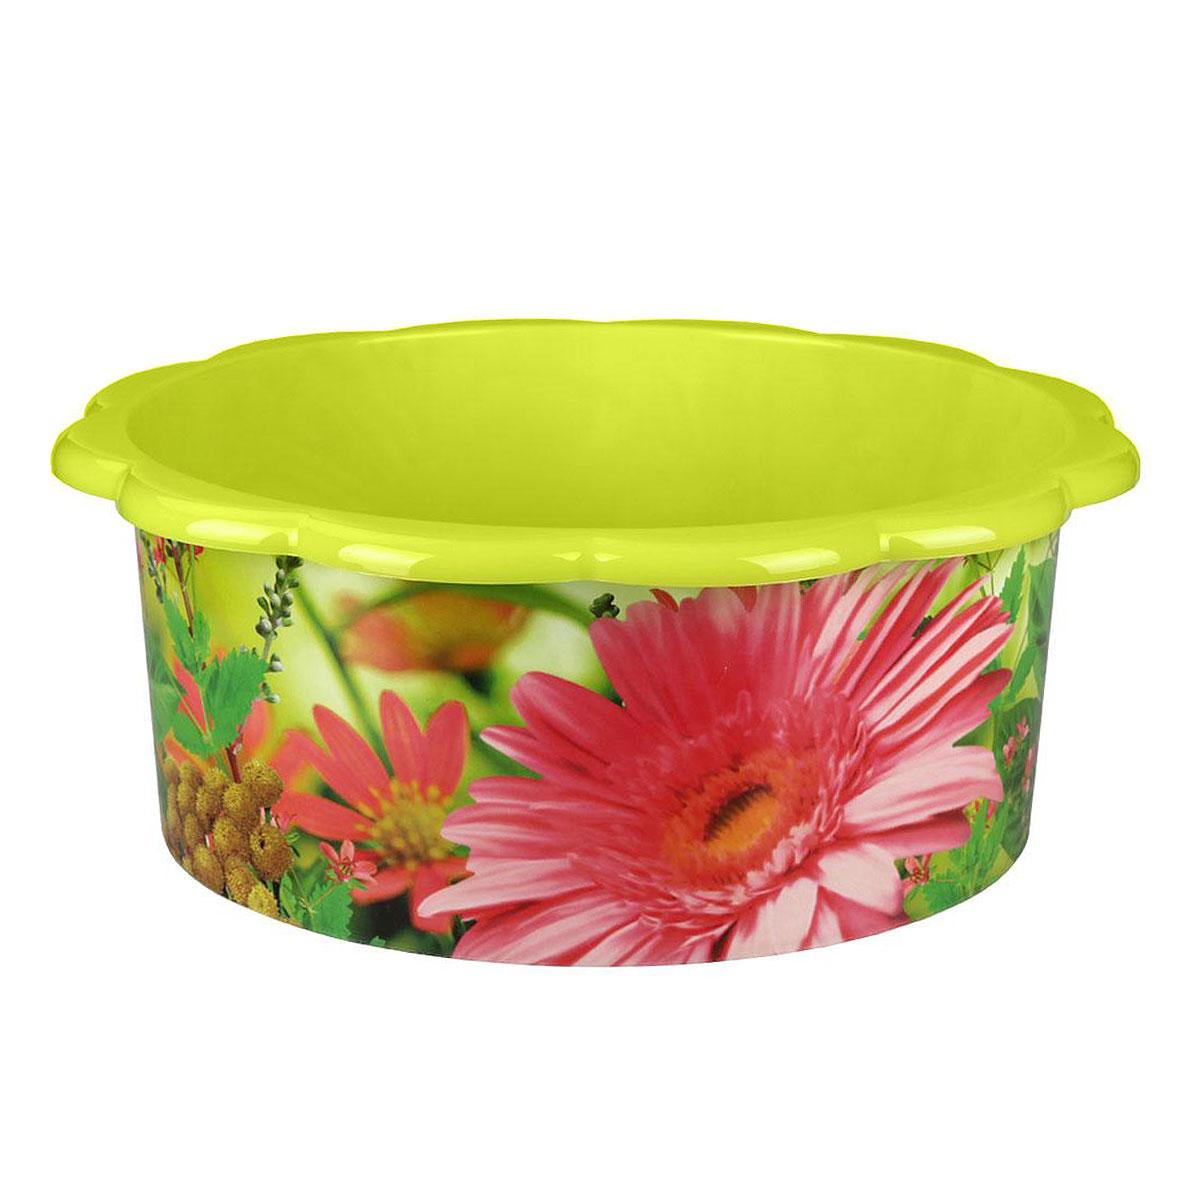 Таз Поэзия весны, цвет: салатовый, 20 лМ3106Таз Поэзия весны изготовлен из высококачественного пластика. Он выполнен в классическом круглом варианте. По бокам имеются удобные углубления, которые обеспечивают удобный захват. Таз предназначен для стирки и хранения разных вещей. Он пригодится в любом хозяйстве. Объем: 20 л.Диаметр (по верхнему краю): 46 см. Высота: 18 см.